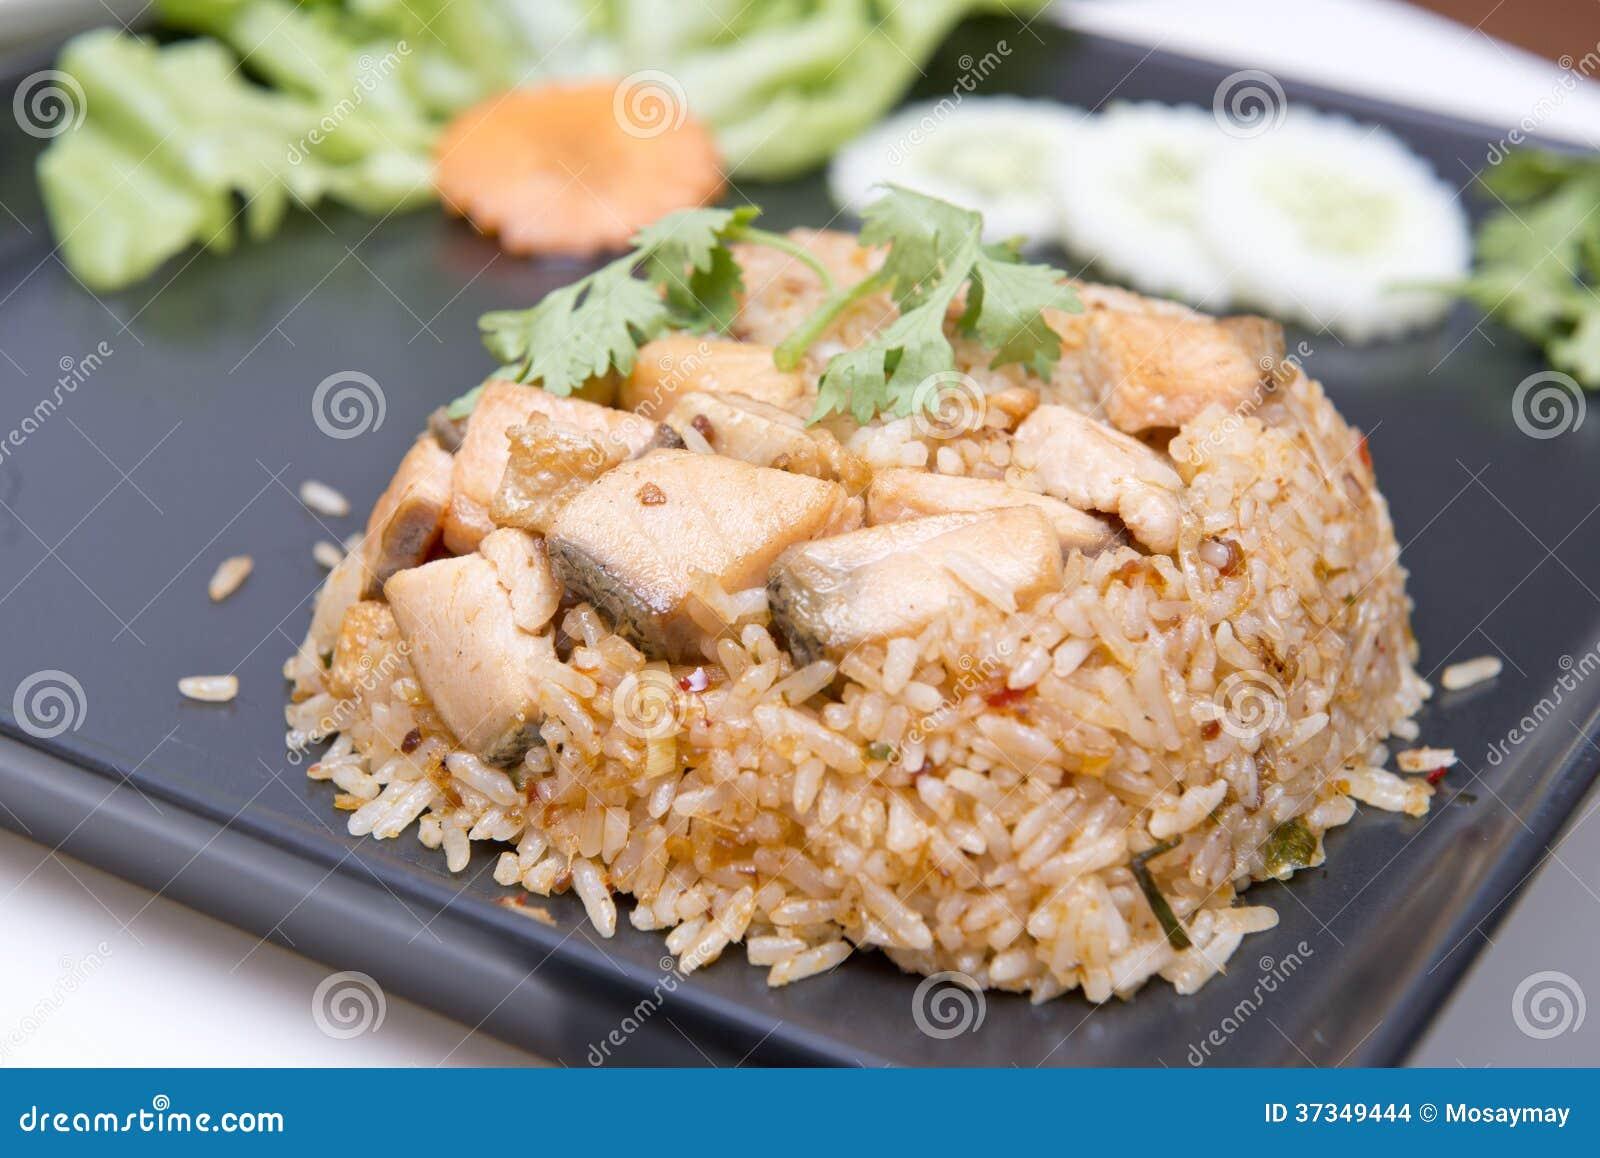 Alho do arroz fritado com salmões do assado